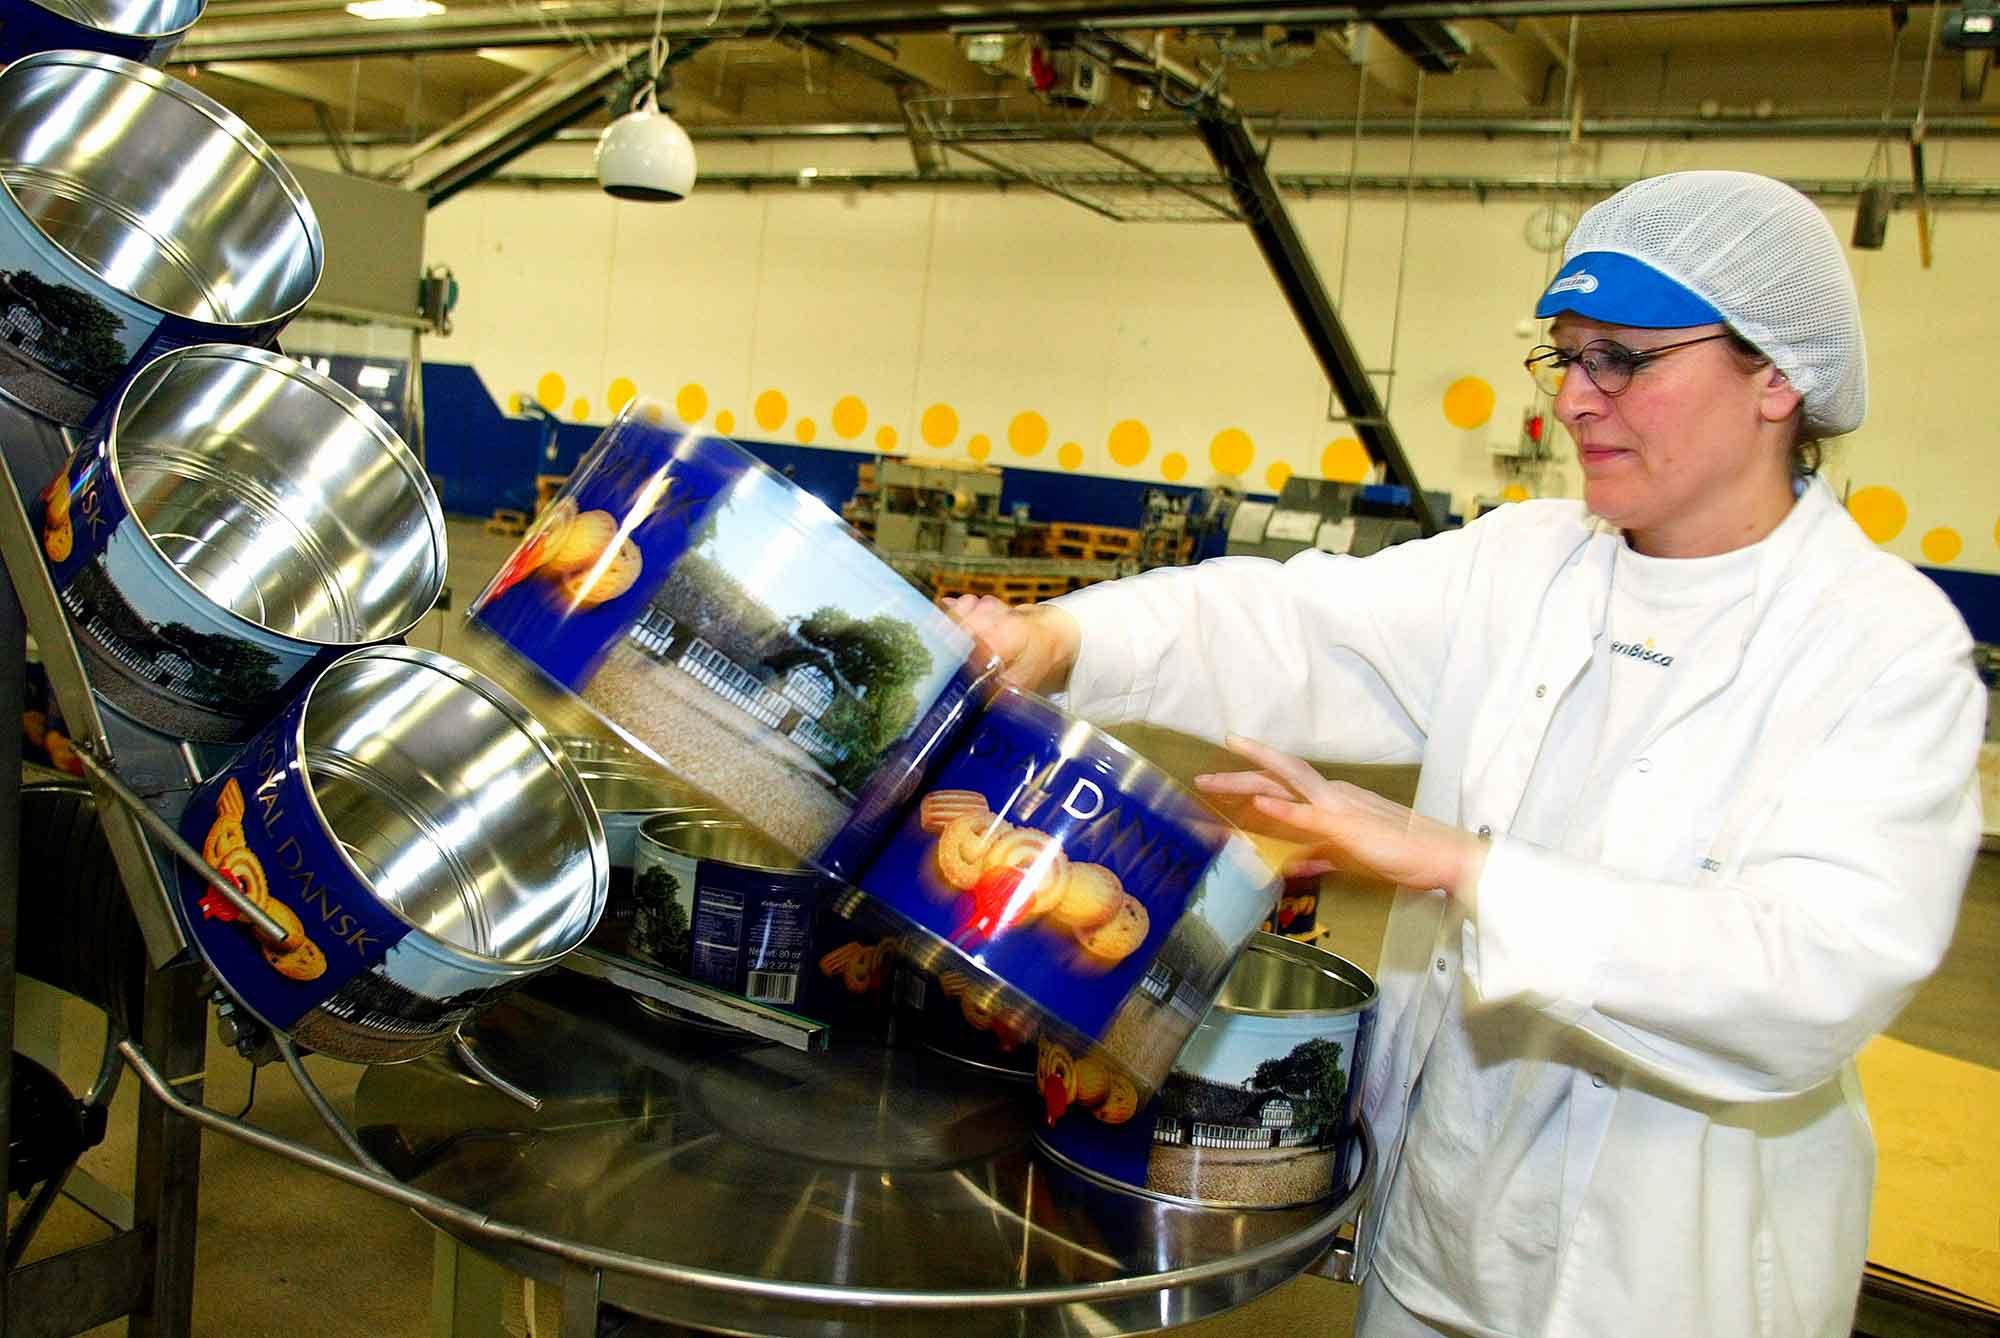 Kageproduktion fra kagefabrikken Bisca